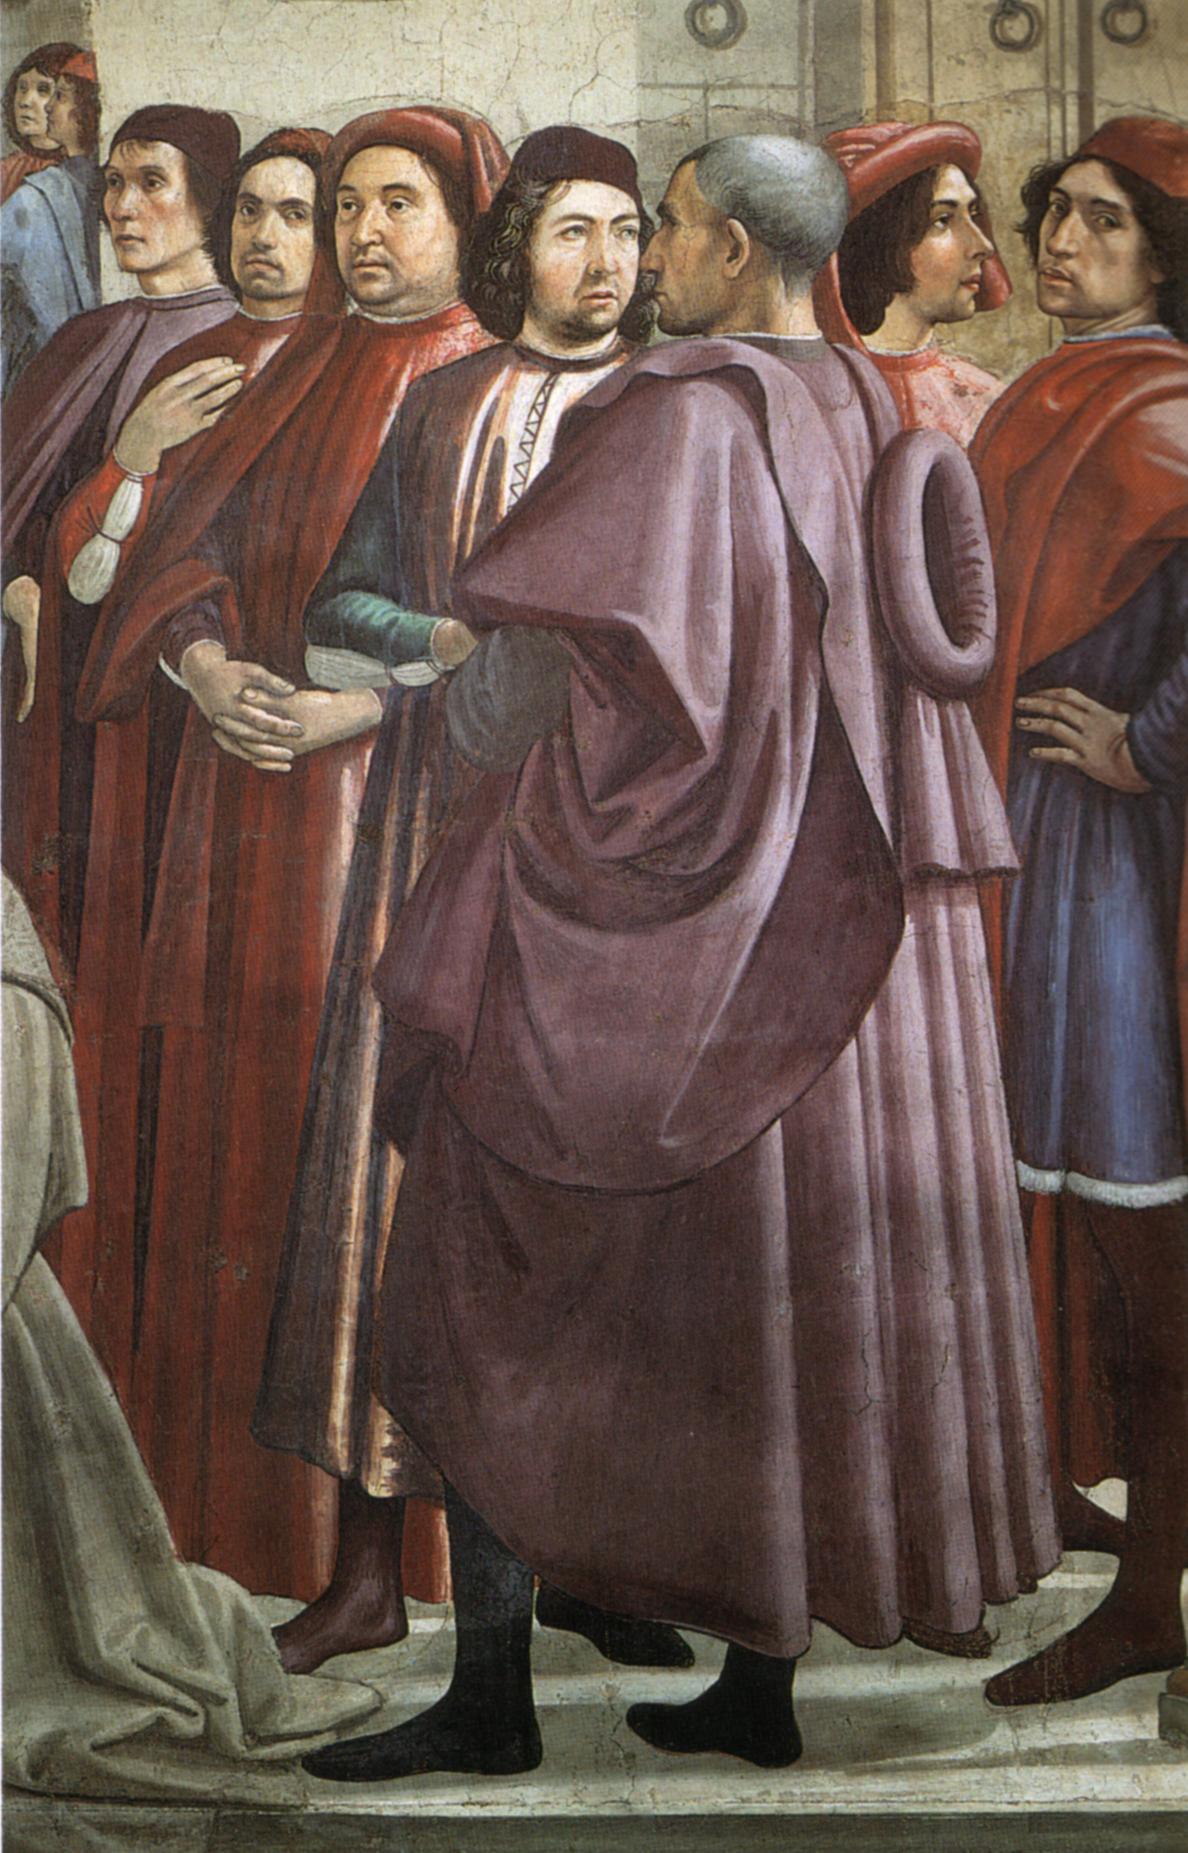 Cappella sassetti, fanciullo resuscitato, dettaglio.jpg